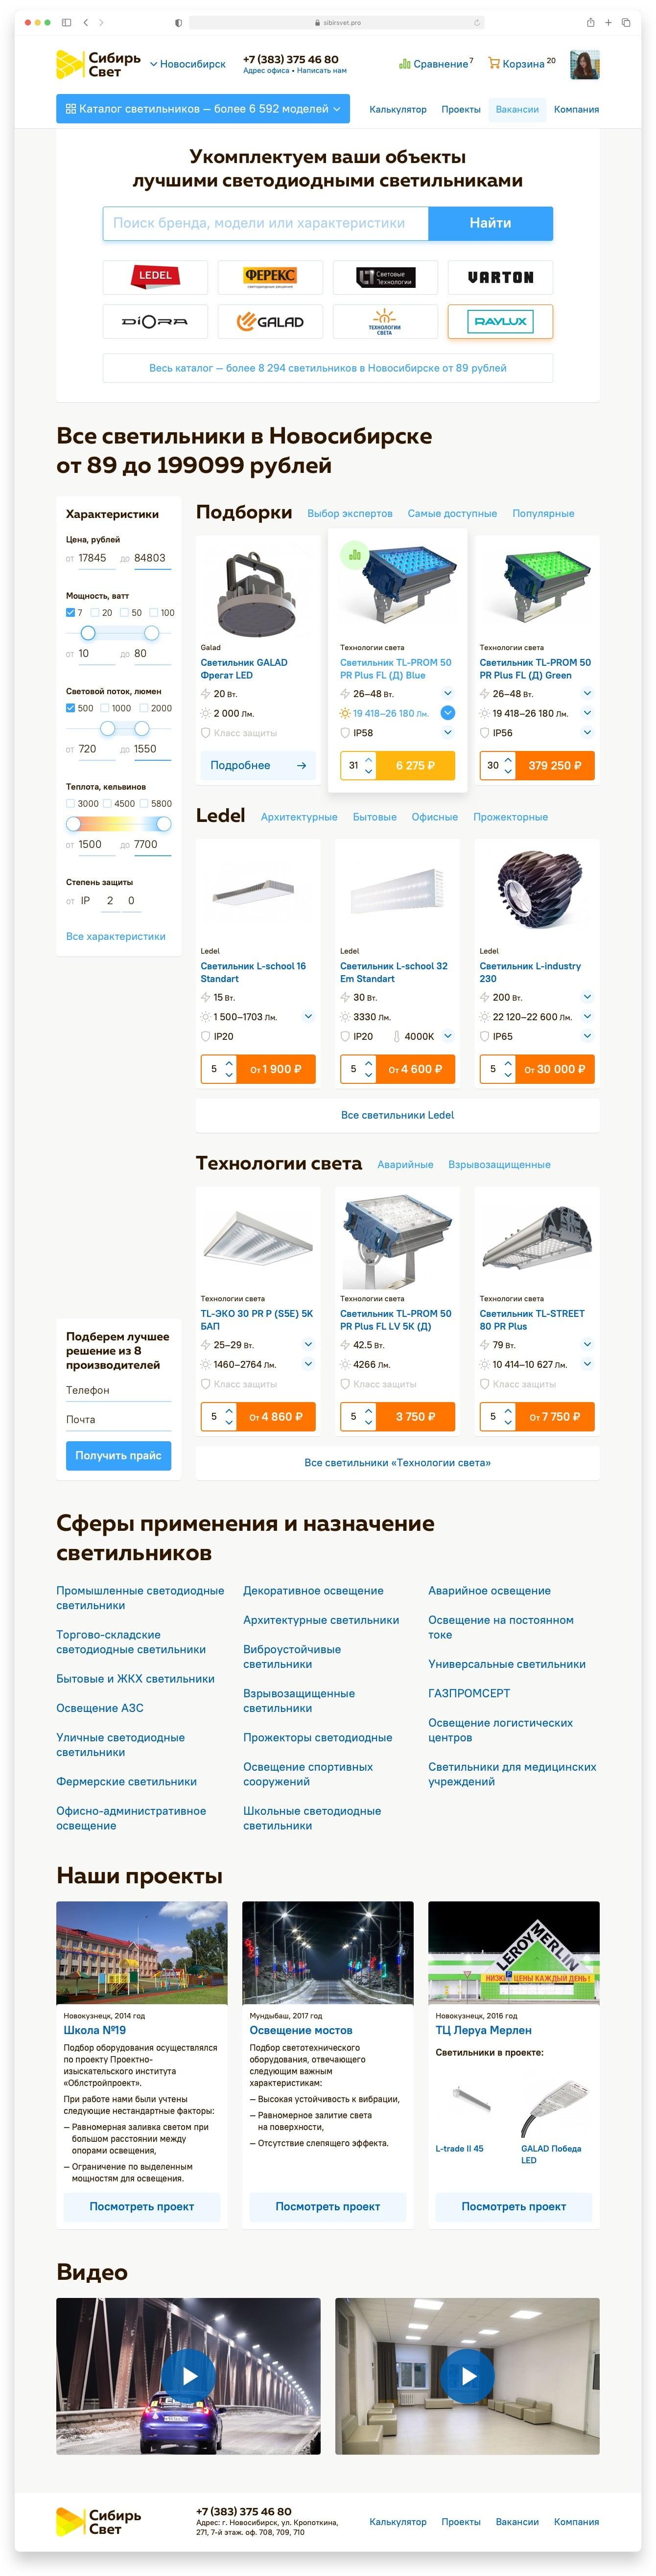 Магазин «Сибирьсвет» Сайт Артура Нецветаева — сайты, приложения, прототипы и оформление интерфейсов sibirsvet main website artur netsvetaev design